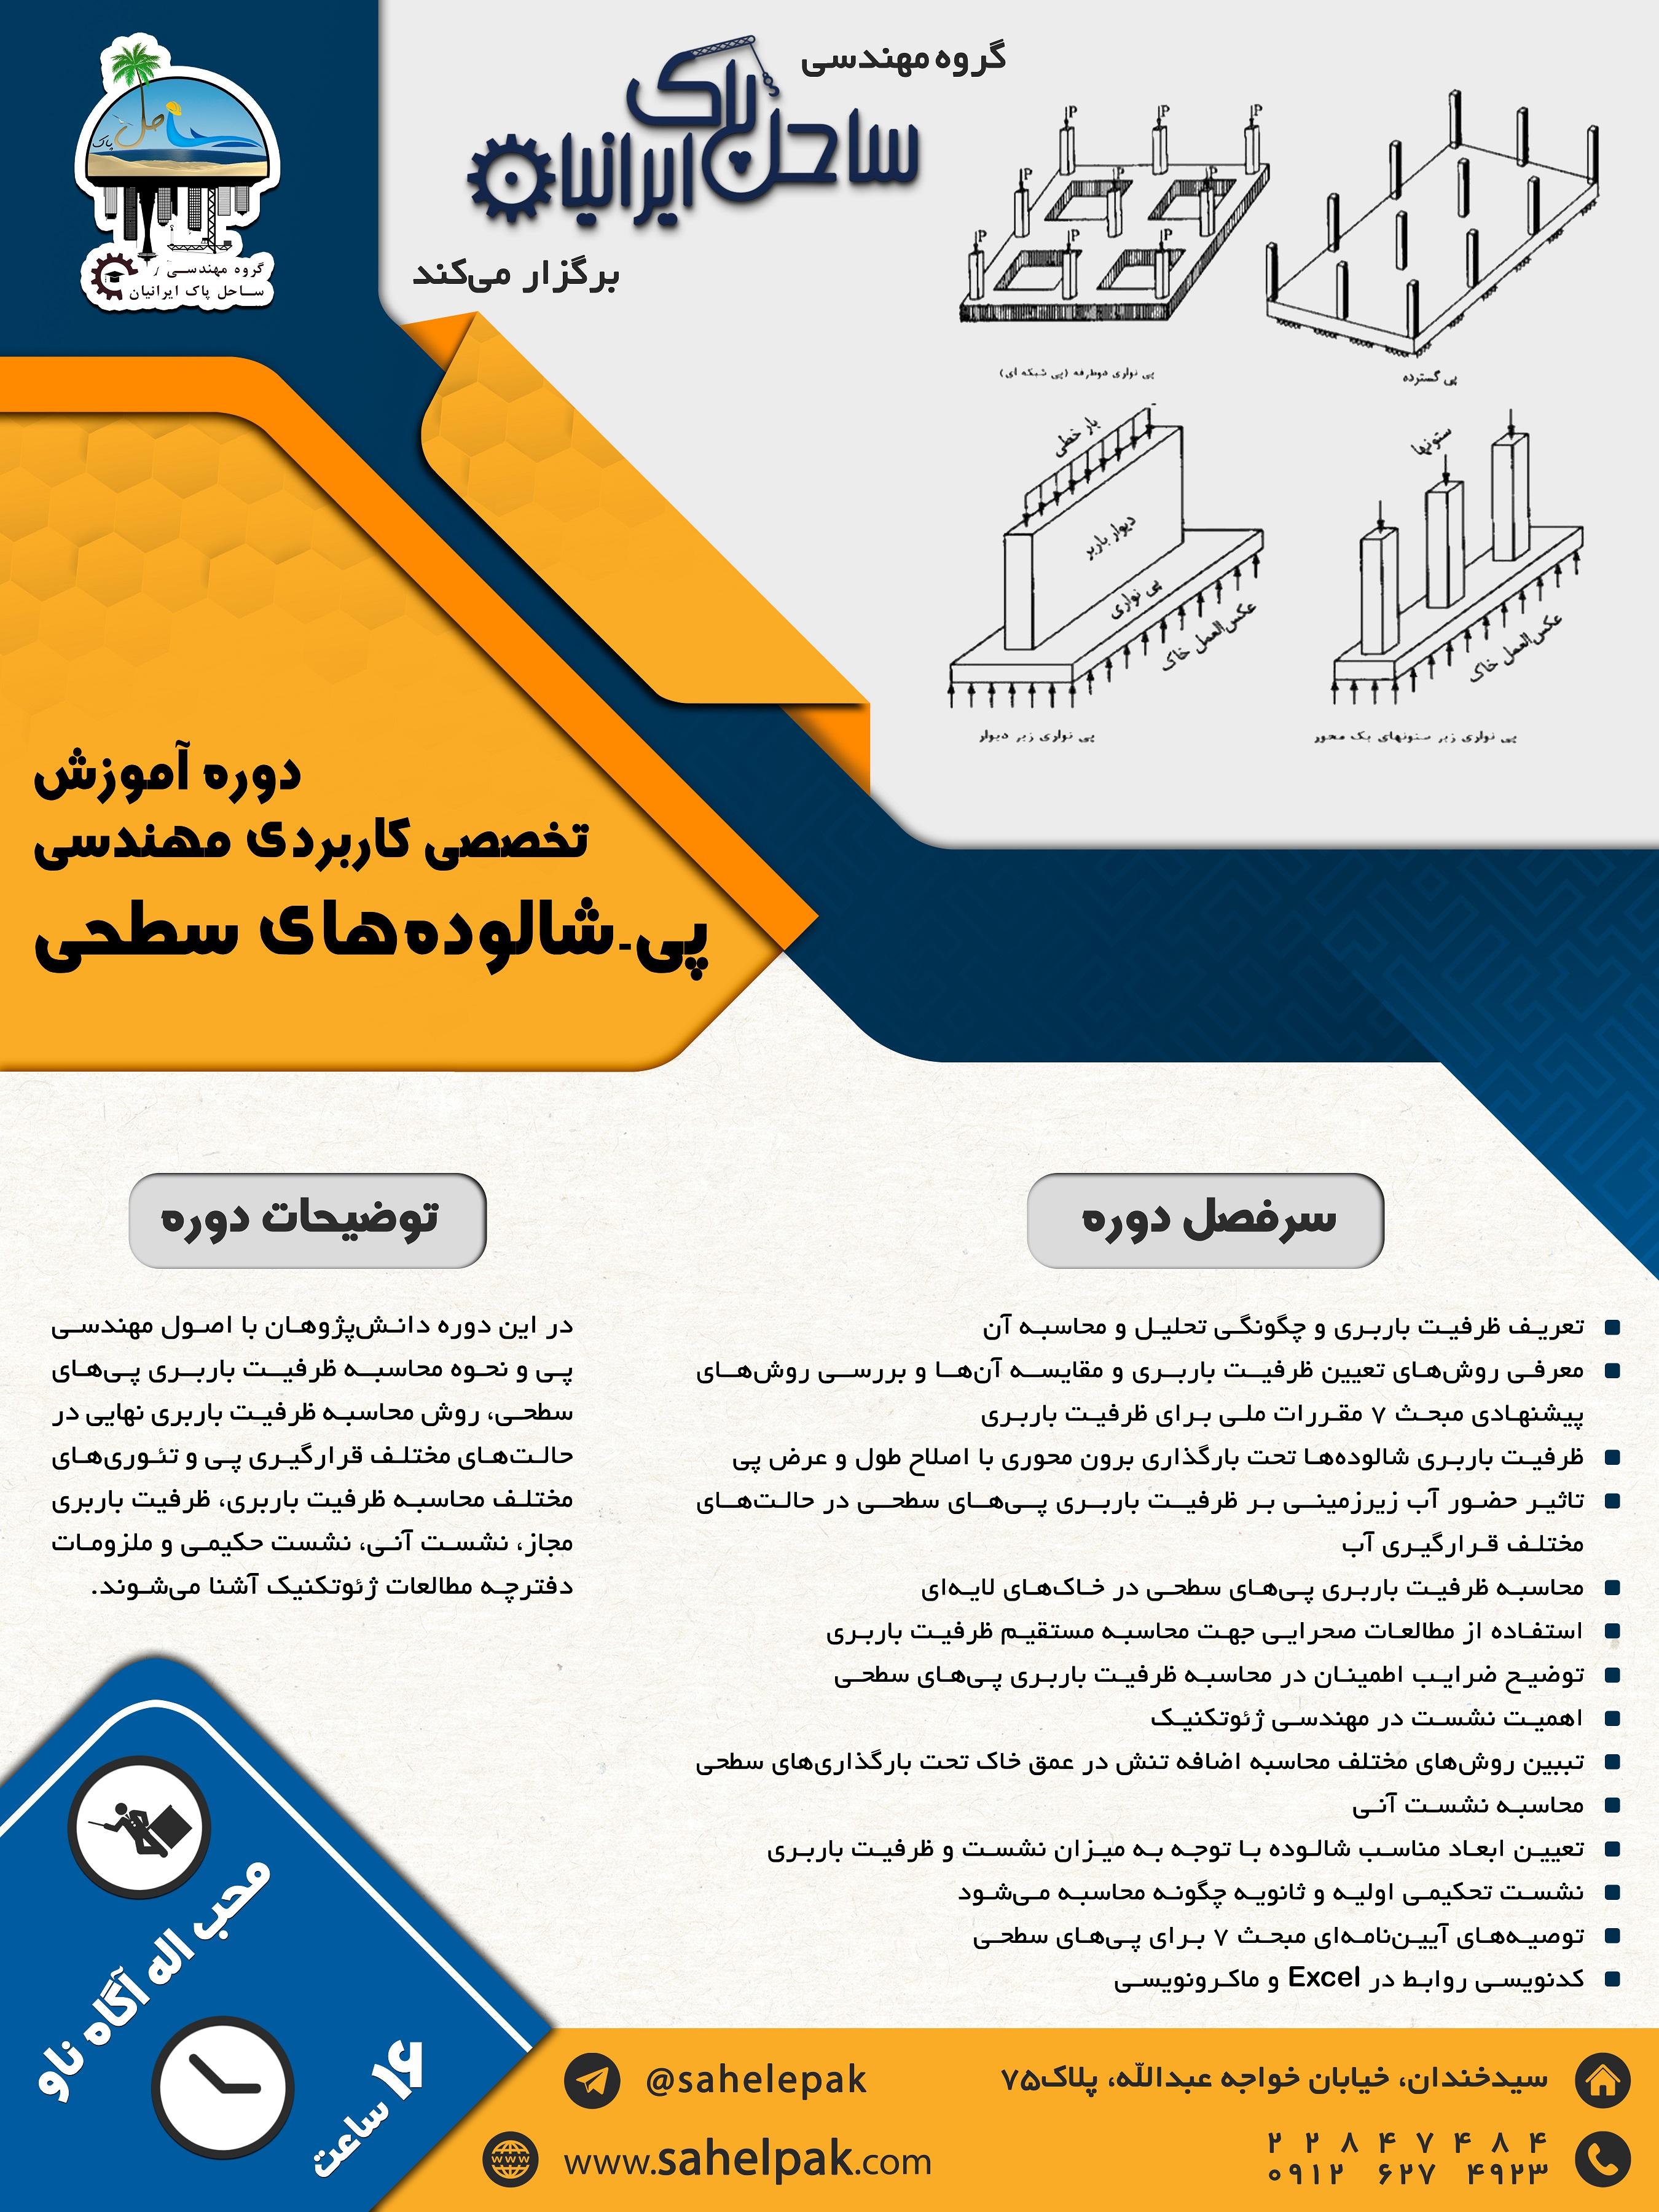 دوره آموزش تخصصی کاربردی مهندسی پی-شالوده های سطحی (ژئوتکنیک)